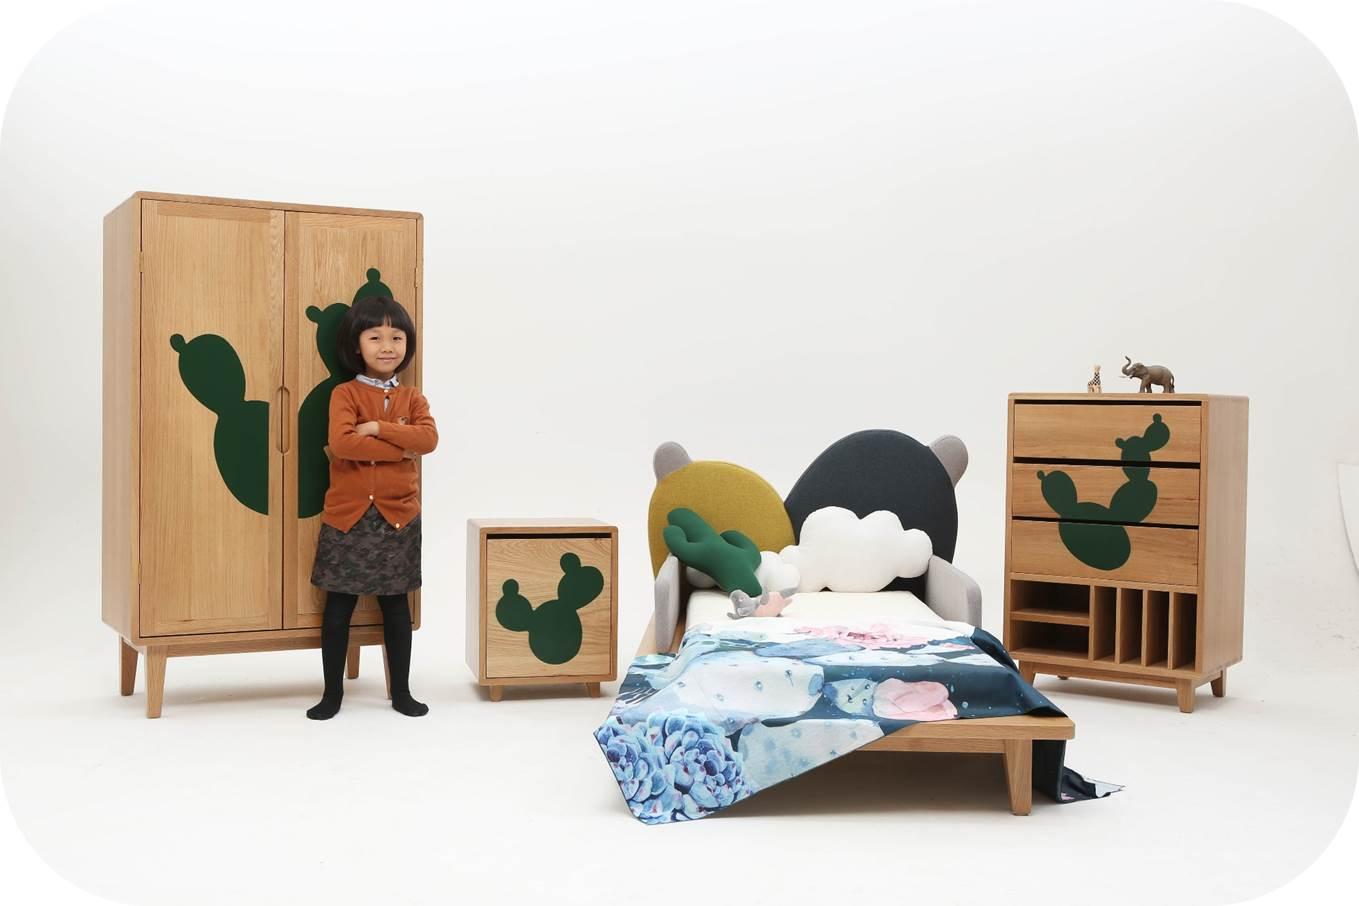 浦东家居双展展商访谈 | 邦妮宝盒:引领未来儿童生活新方式